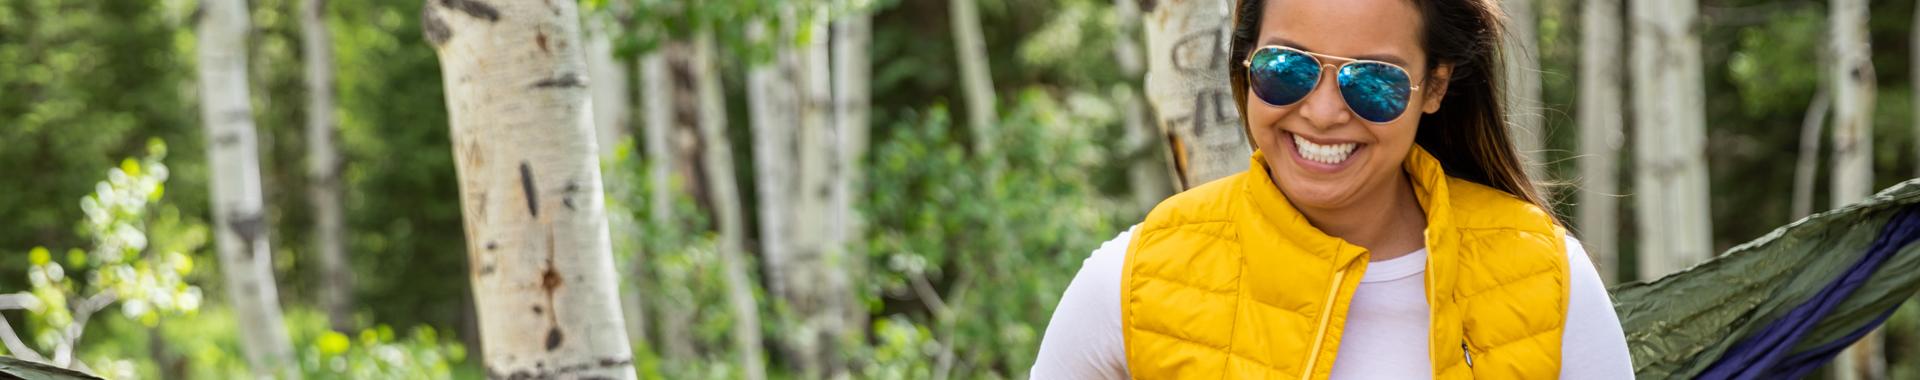 Very happy woman wearing a Sierra Designs vest